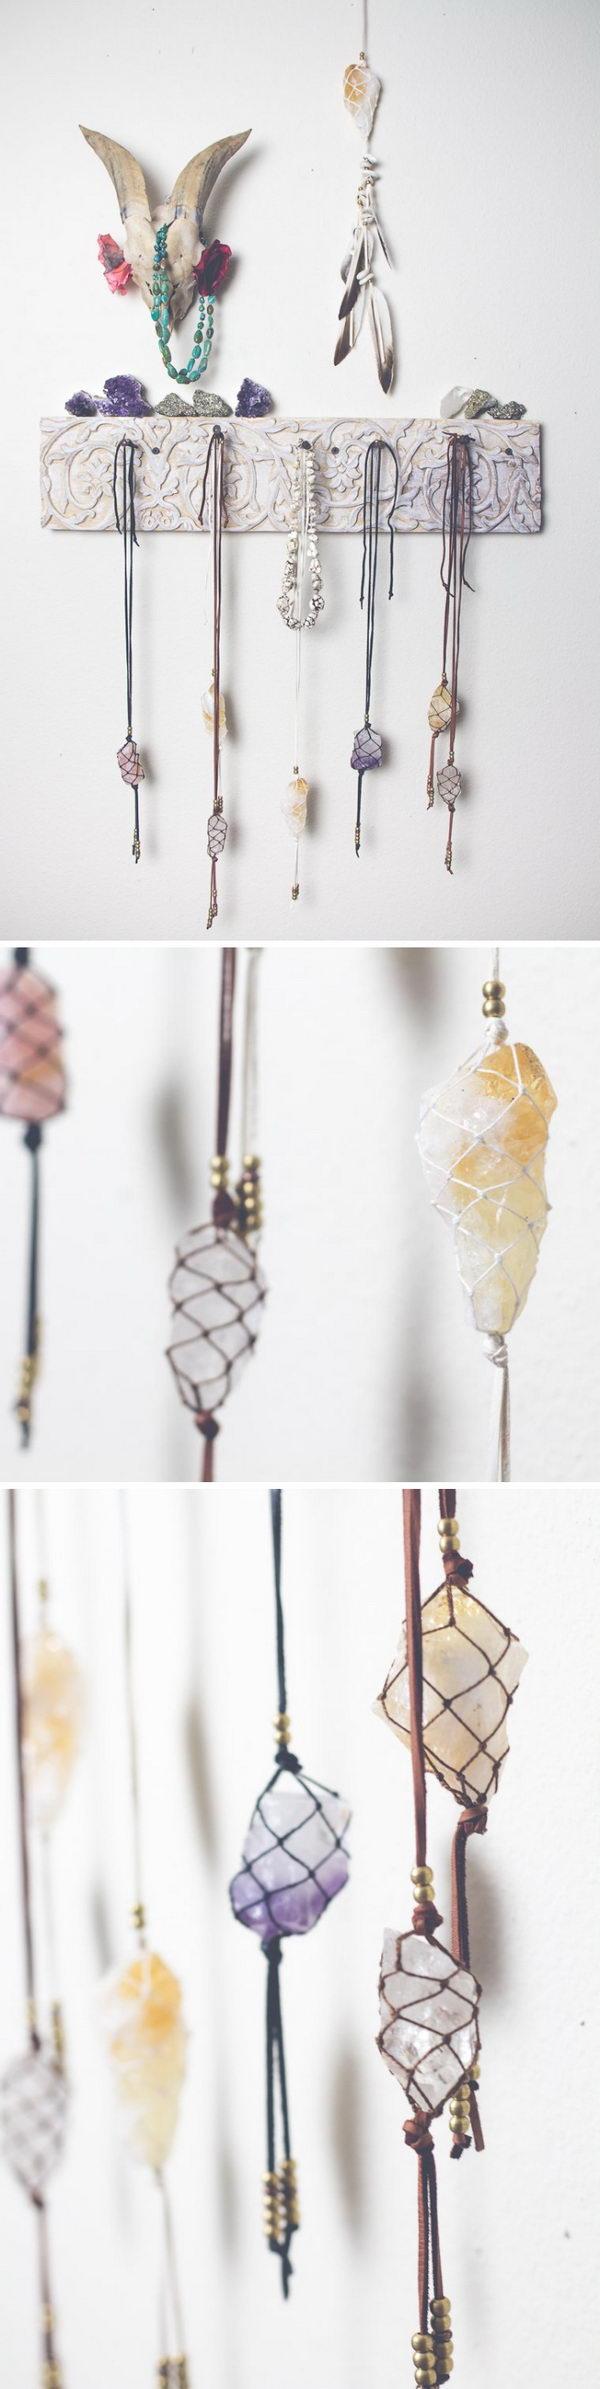 Healing Crystals.